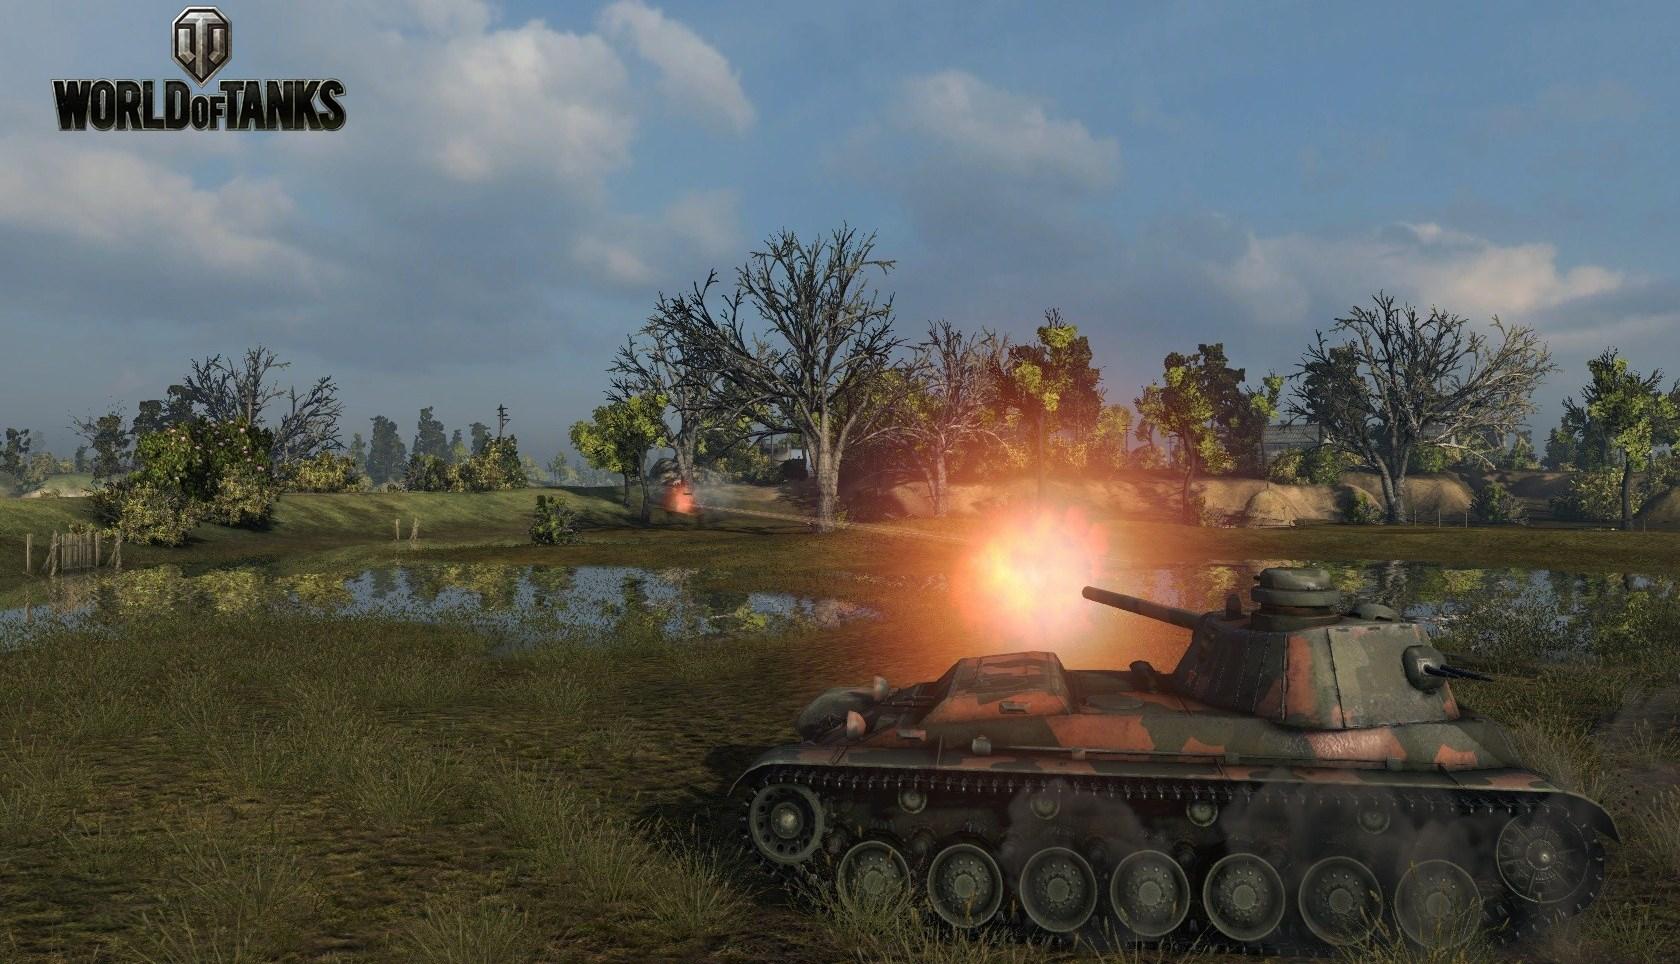 World of Tanks 9.3: Leichte Panzer, schwere Strafen